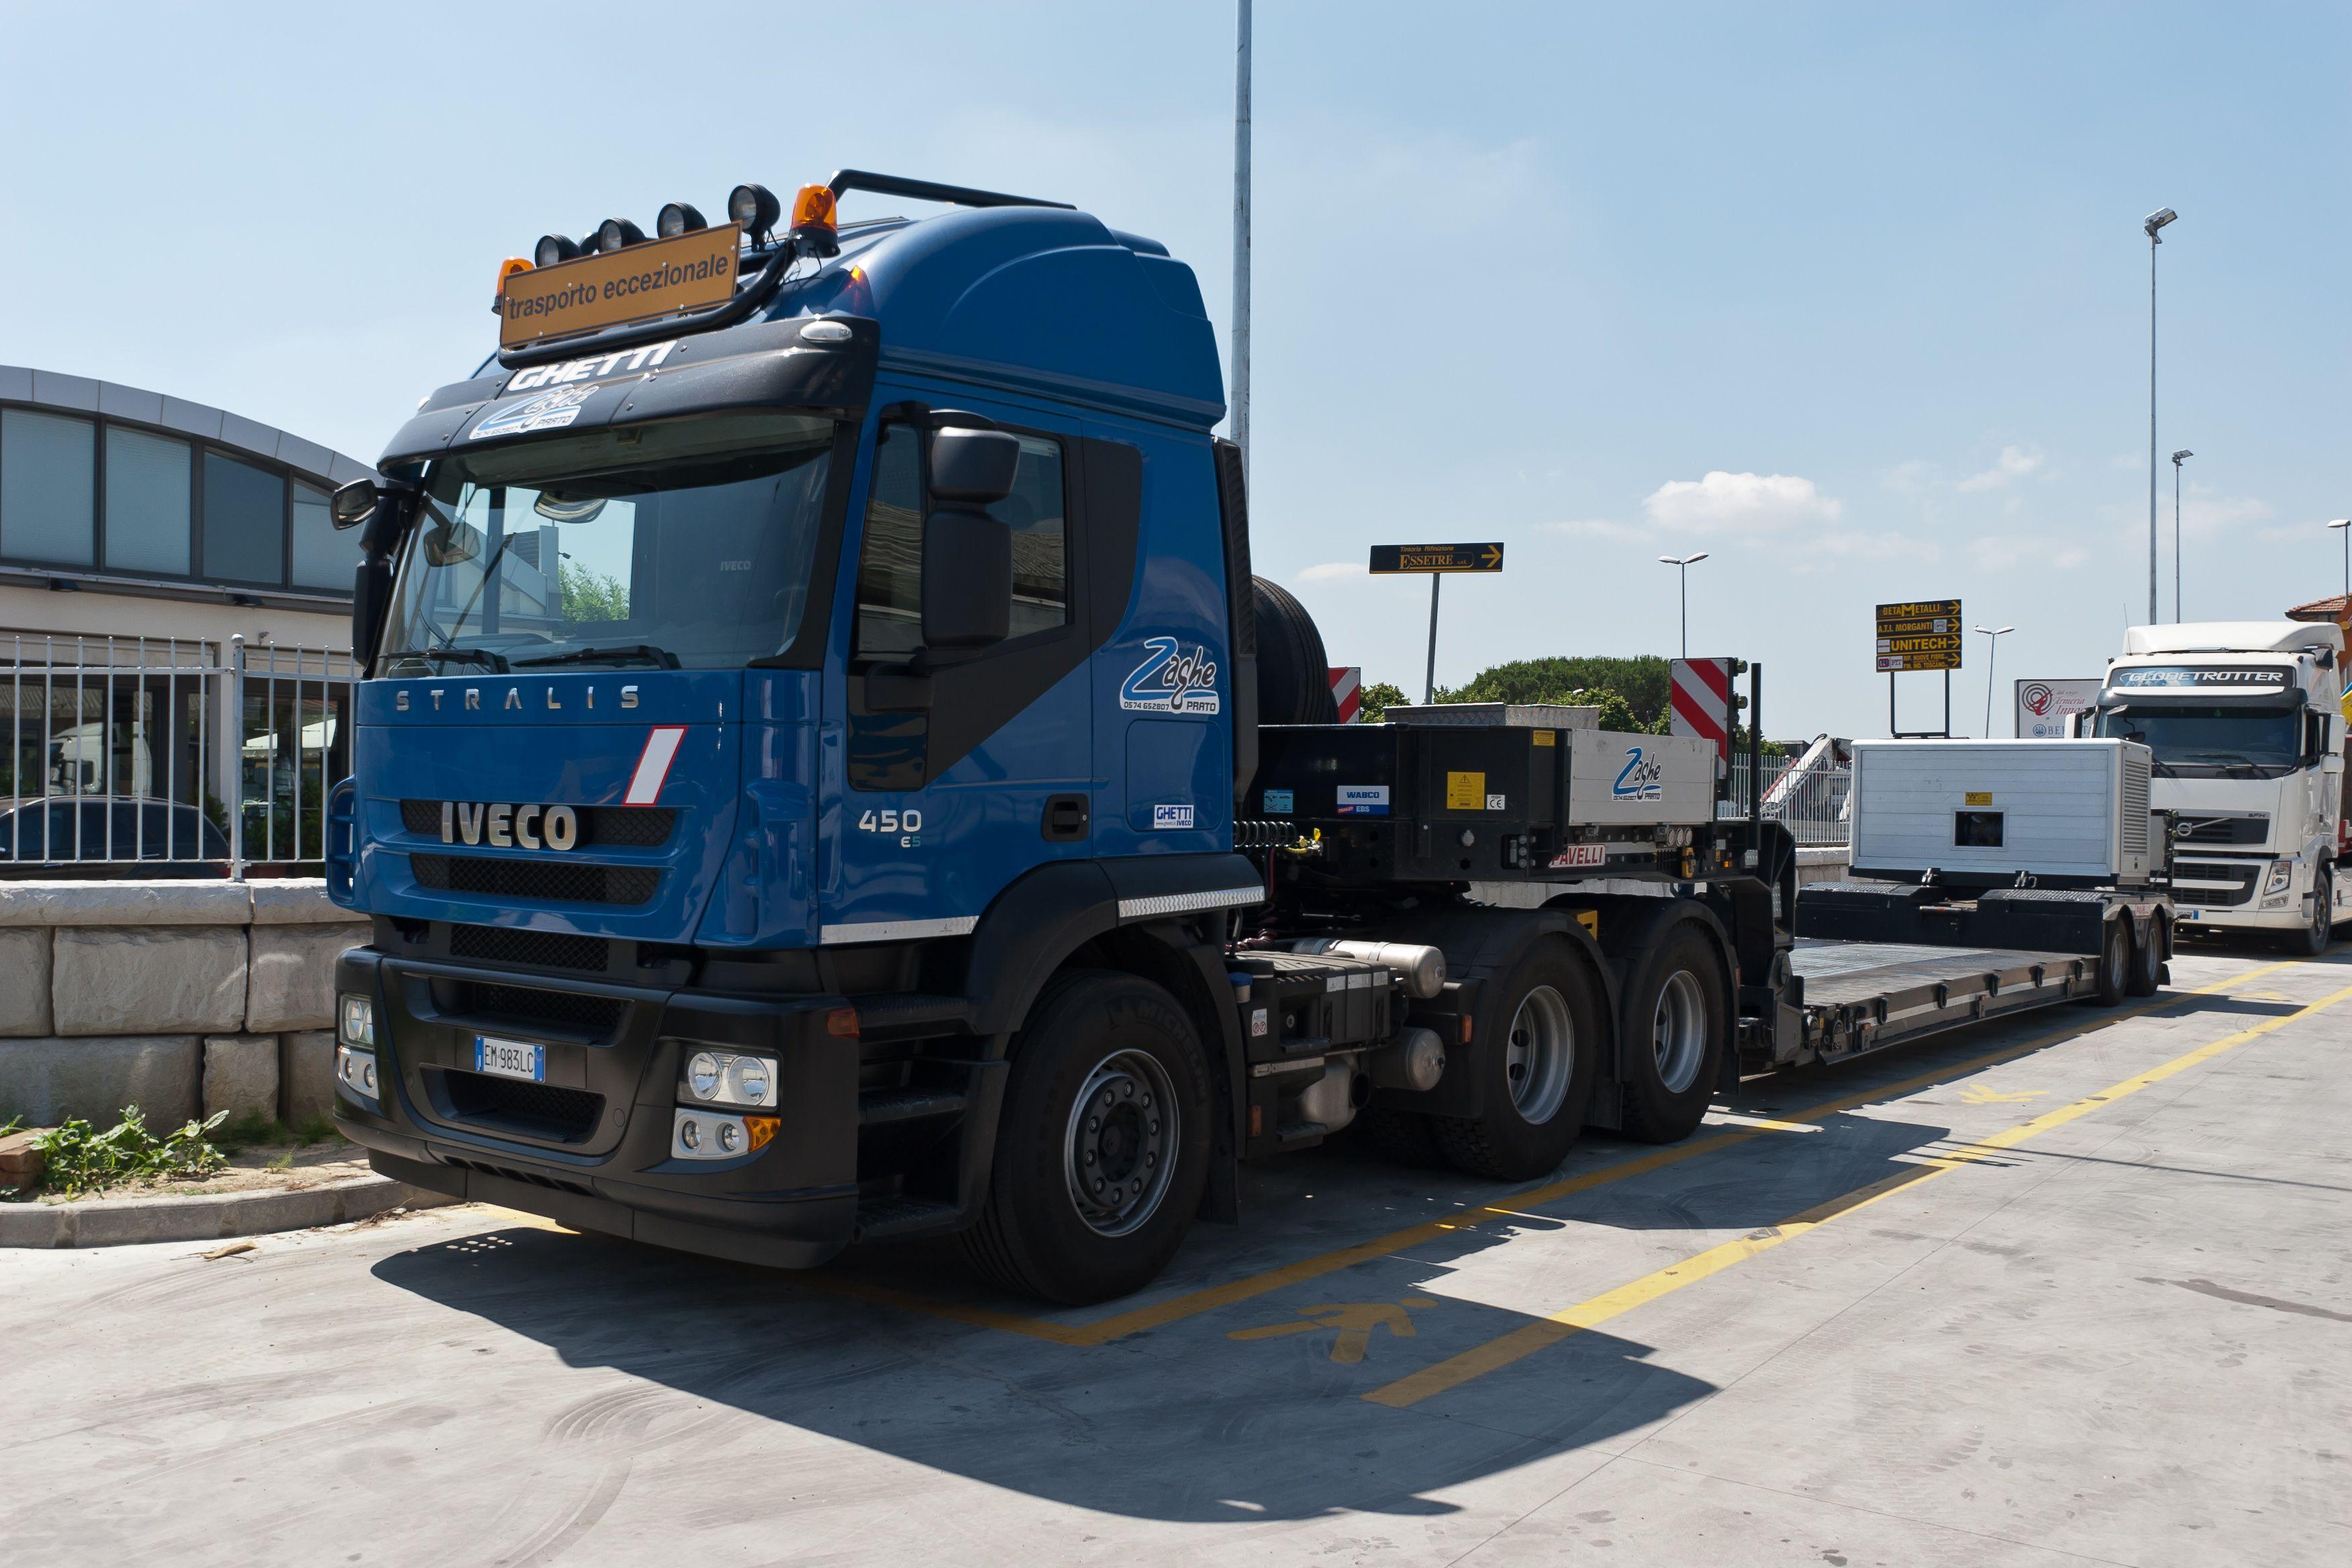 autoarticolato configurato per trasporto eccezionale  iveco stralis 3 assi 450 cv